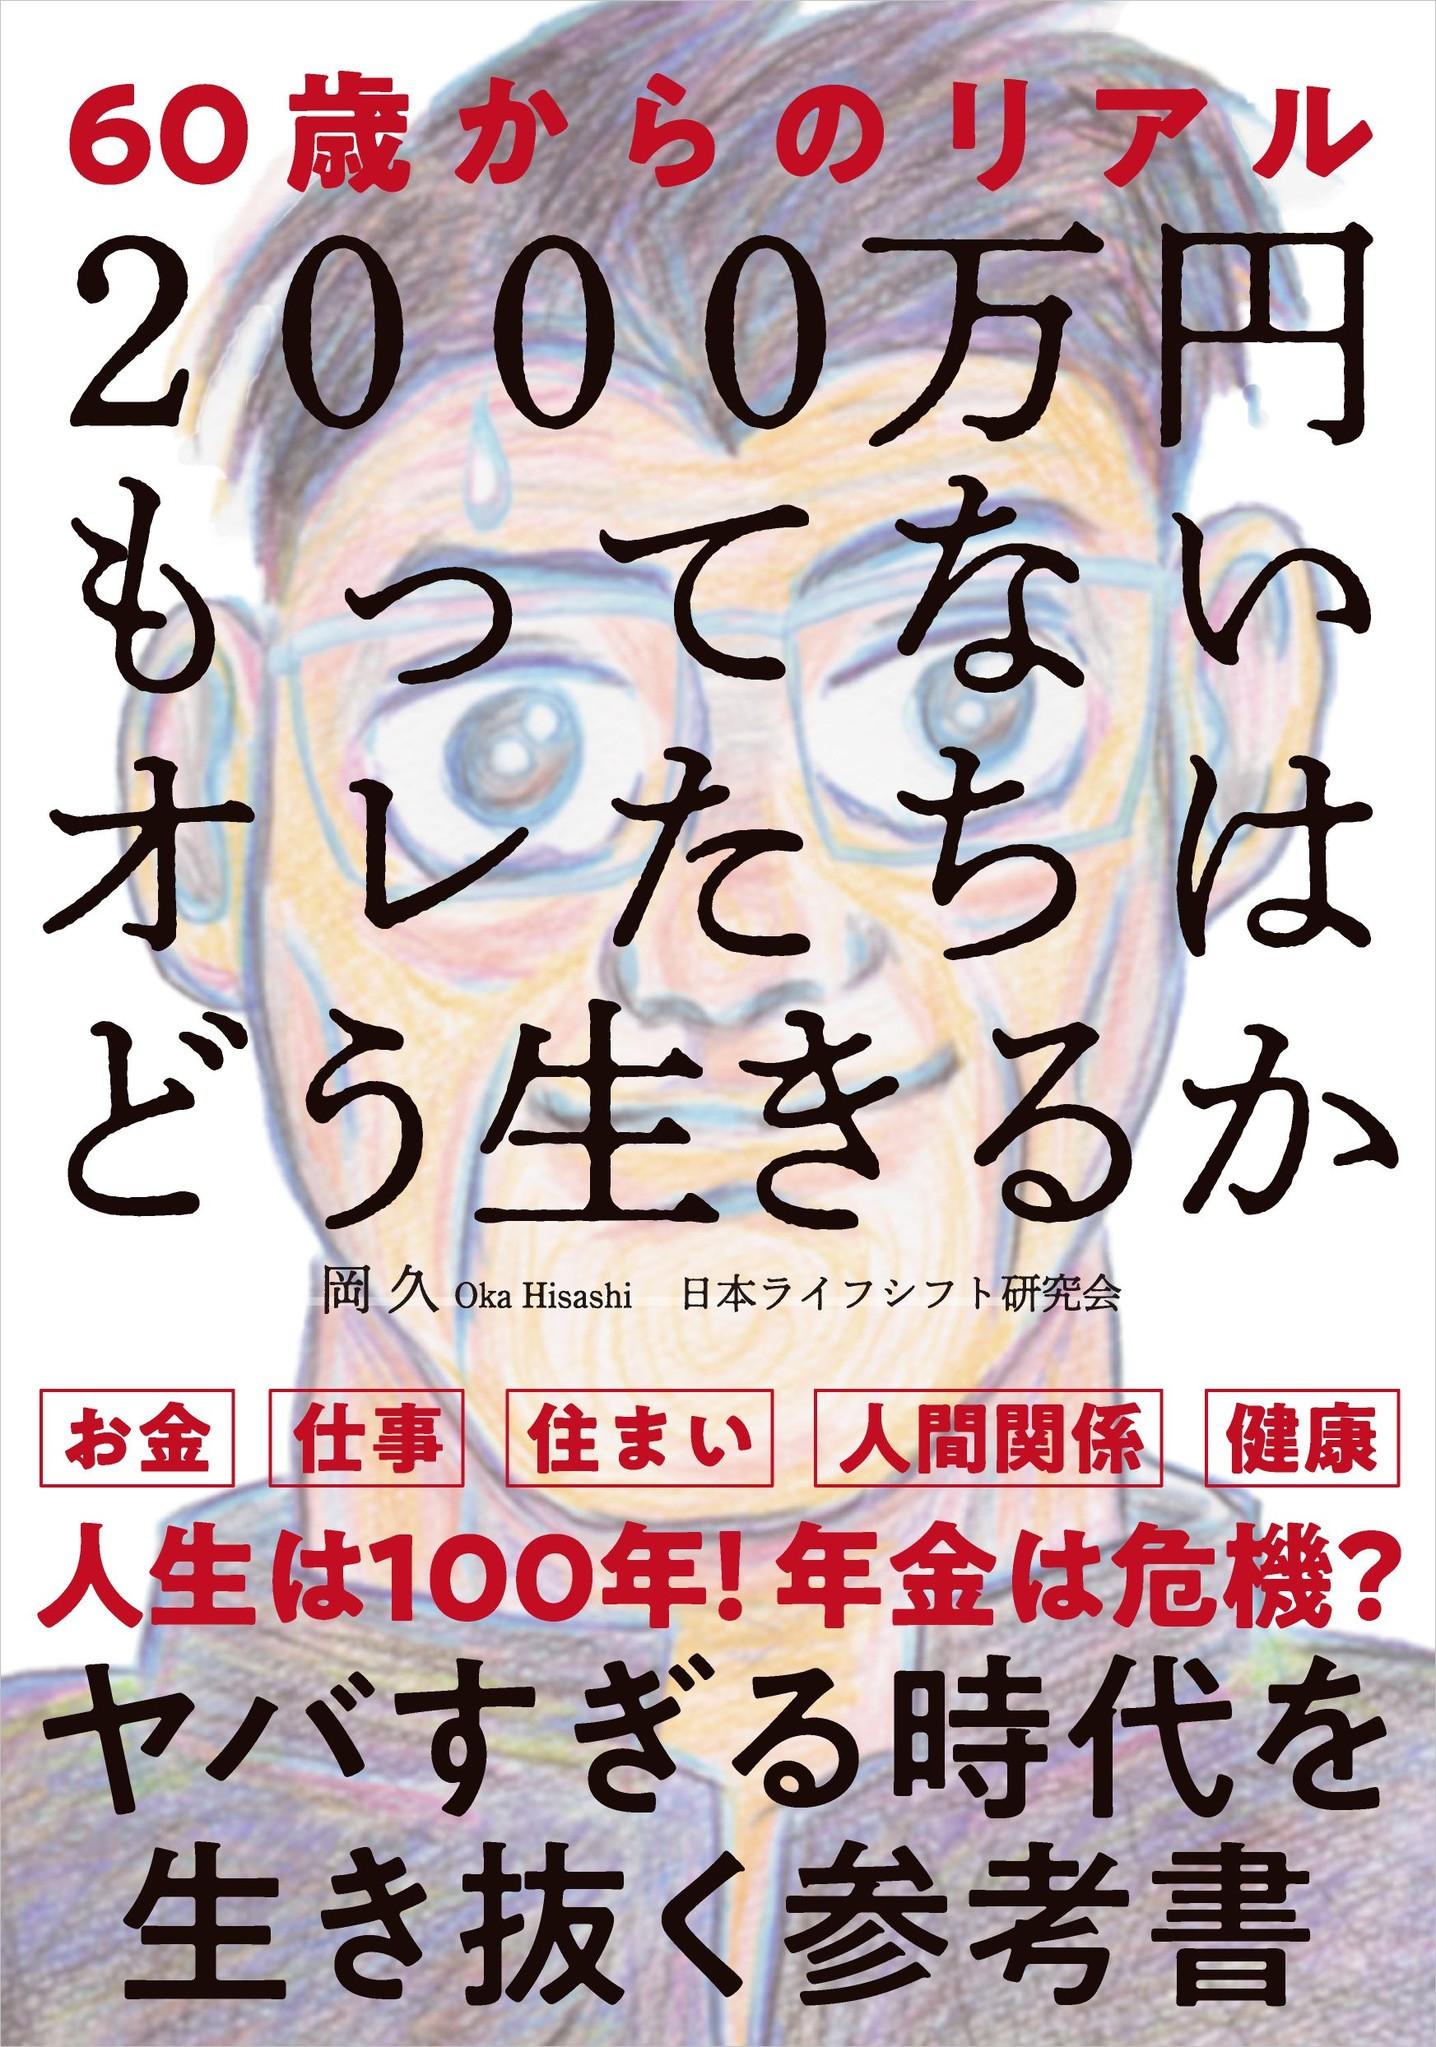 2000万円もってないオレたちはどう生きるか」――人生100年時代、年金 ...